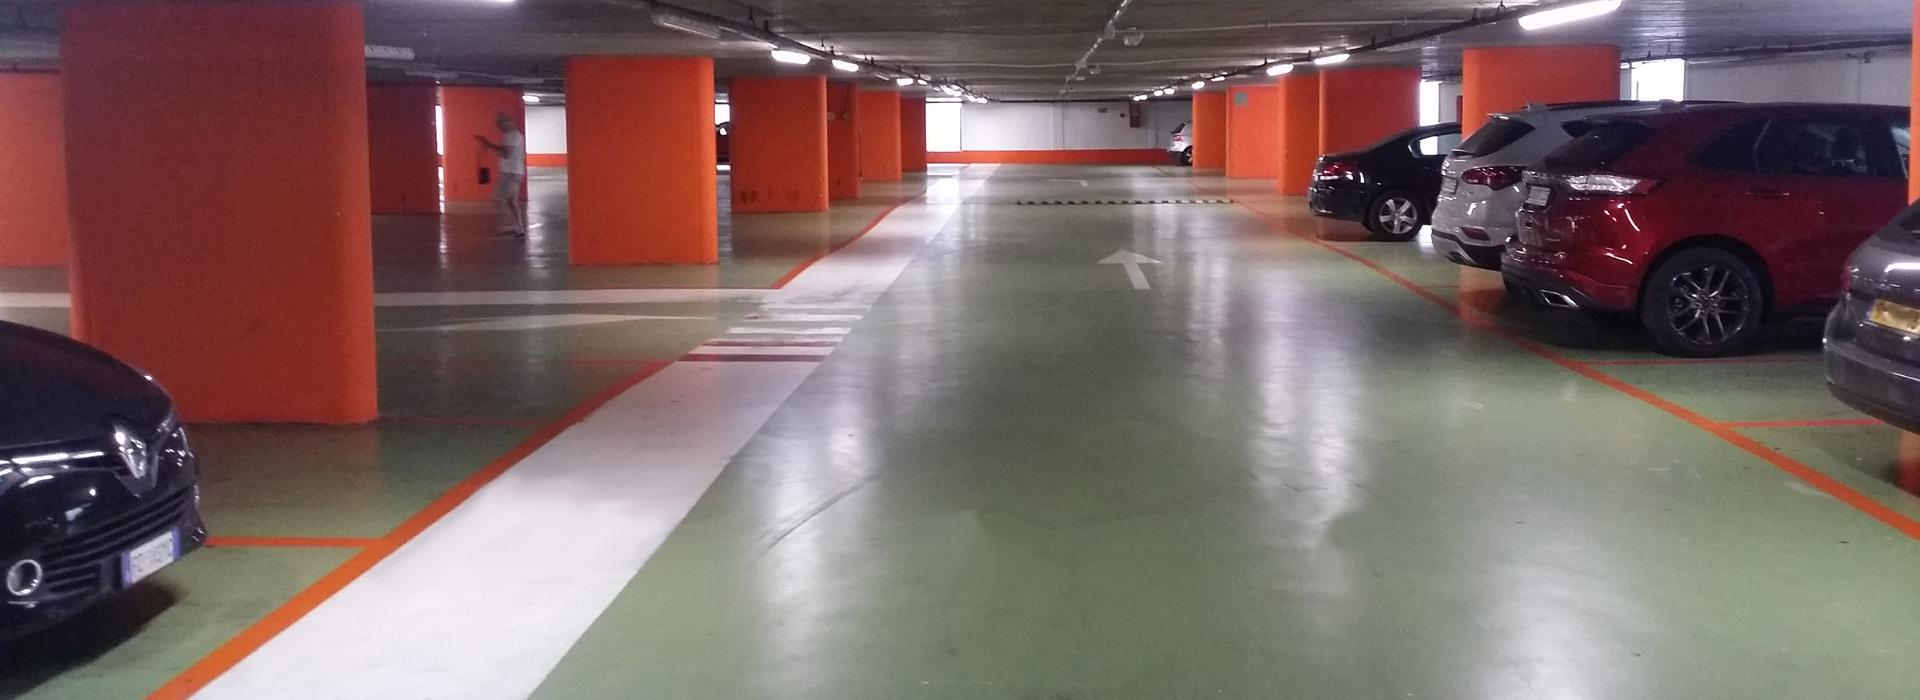 Per realizzare o ristrutturare un pavimento, pensa alla resina